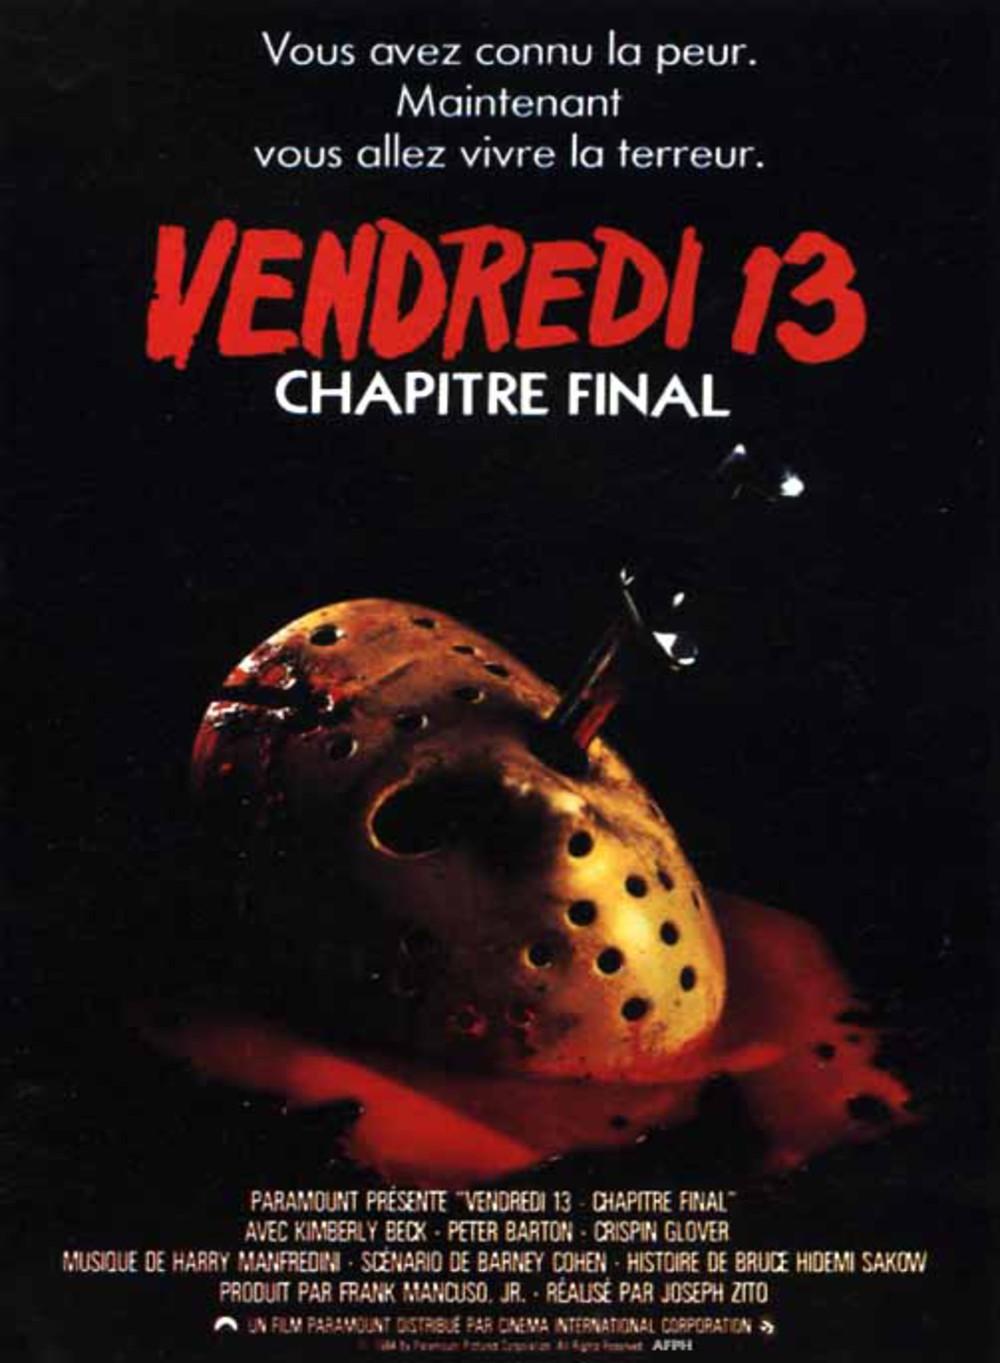 affiche du film Vendredi 13 : Chapitre final